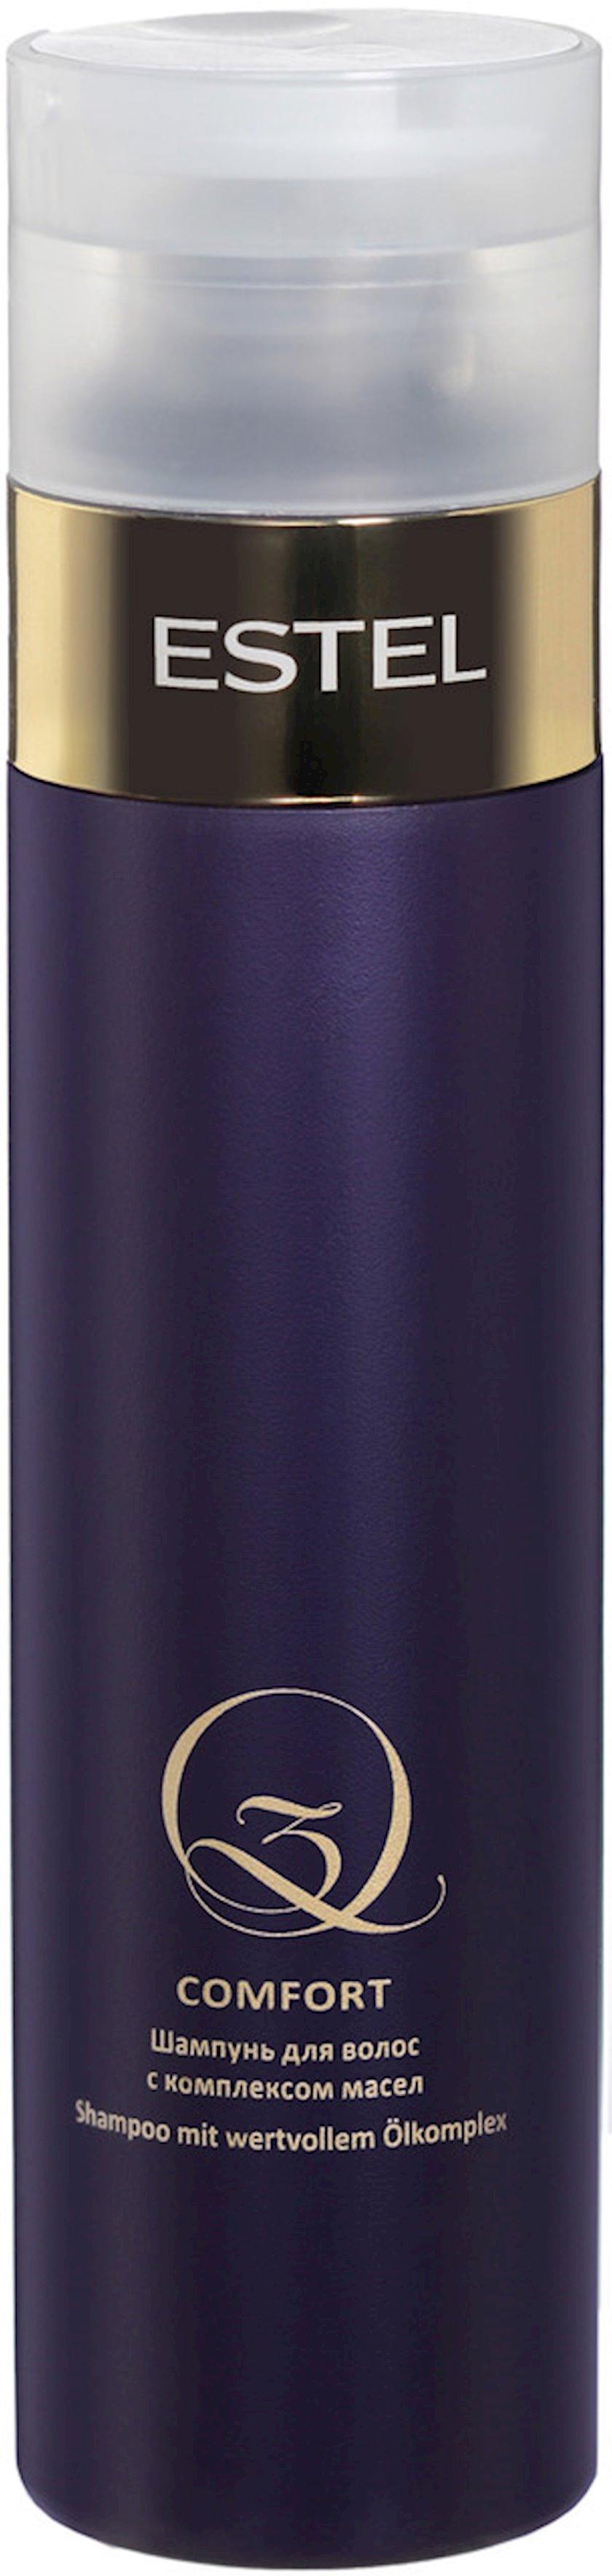 Şampun Estel Professional Q3 Comfort yağlar kompleksi ilə 250 ml